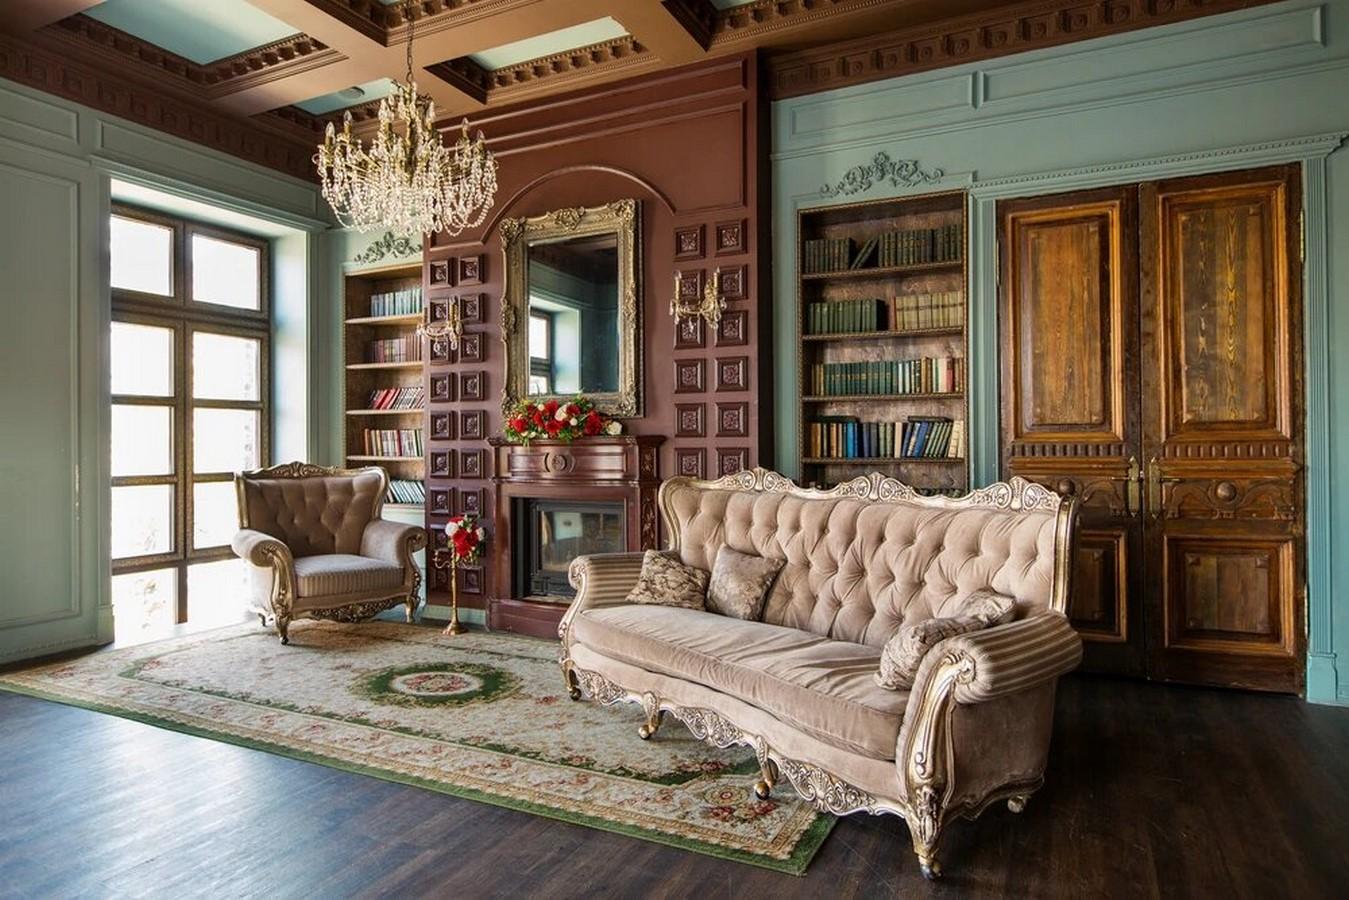 vintage inspired homes, vintage homes, architectural works - Sheet3